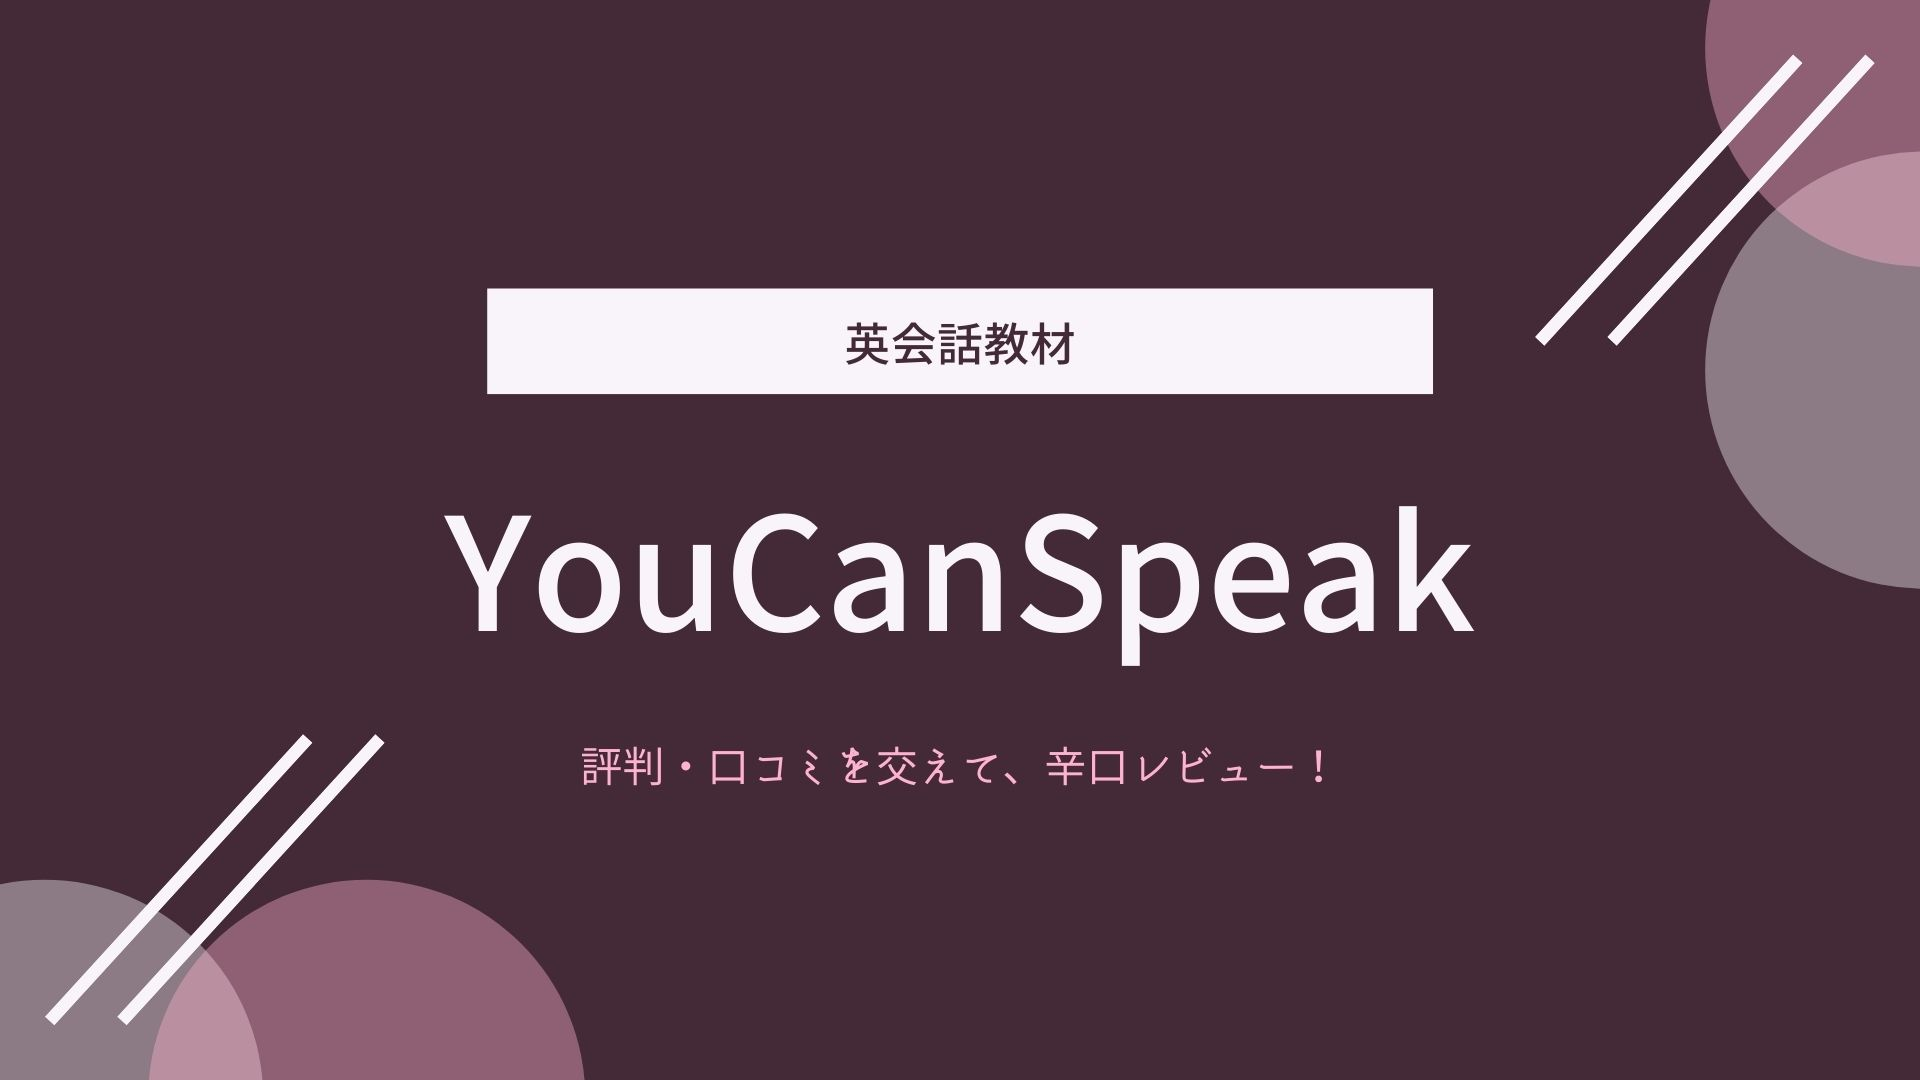 YouCanSpeak